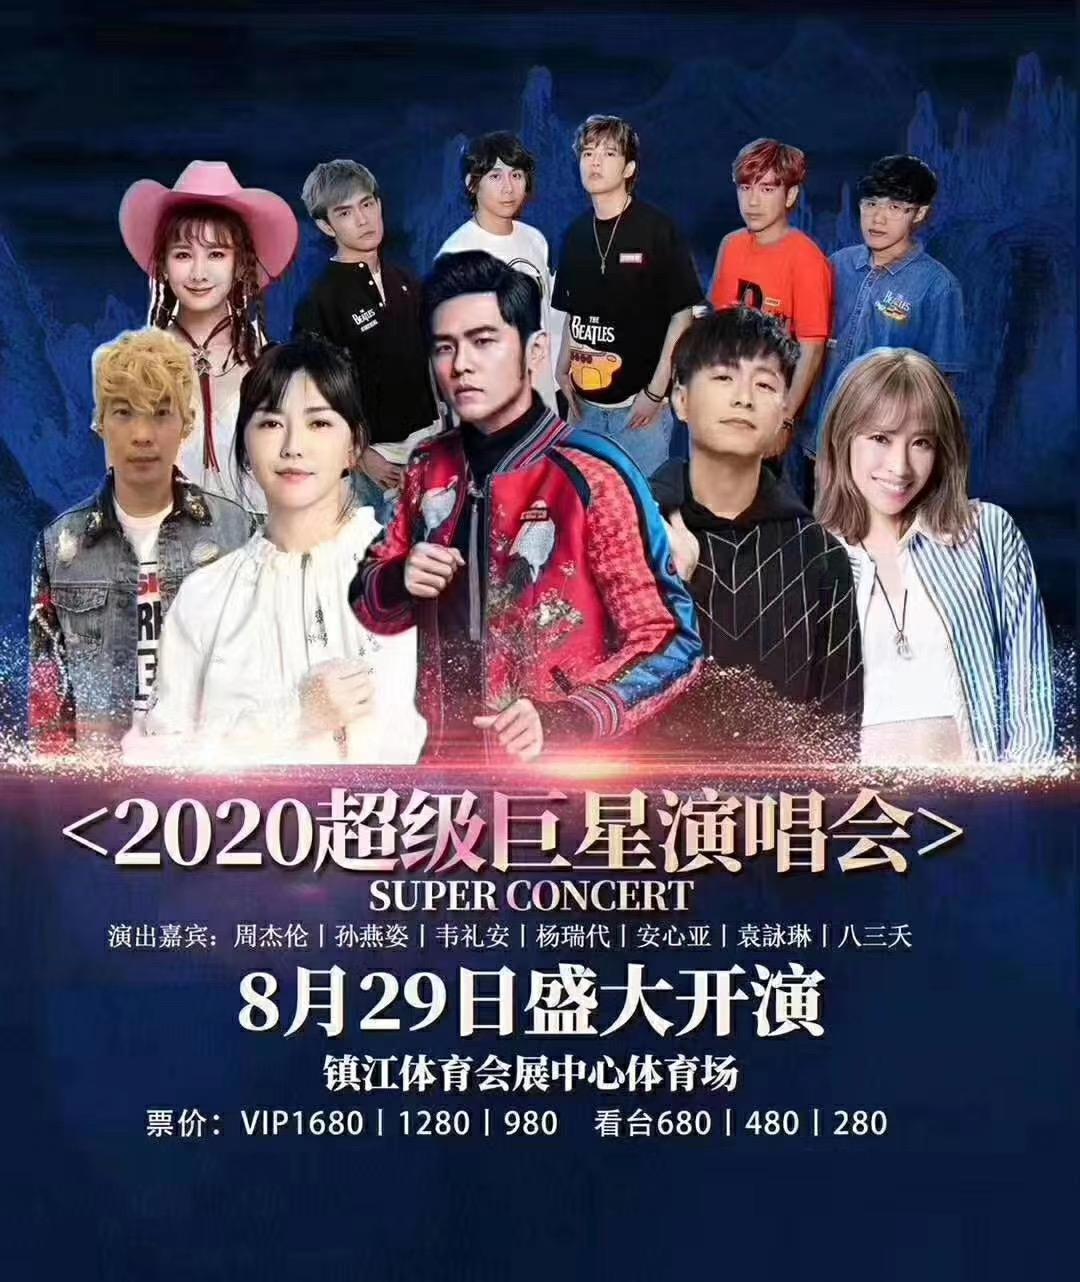 2020镇江超级巨星演唱会(时间+地点+门票+阵容)